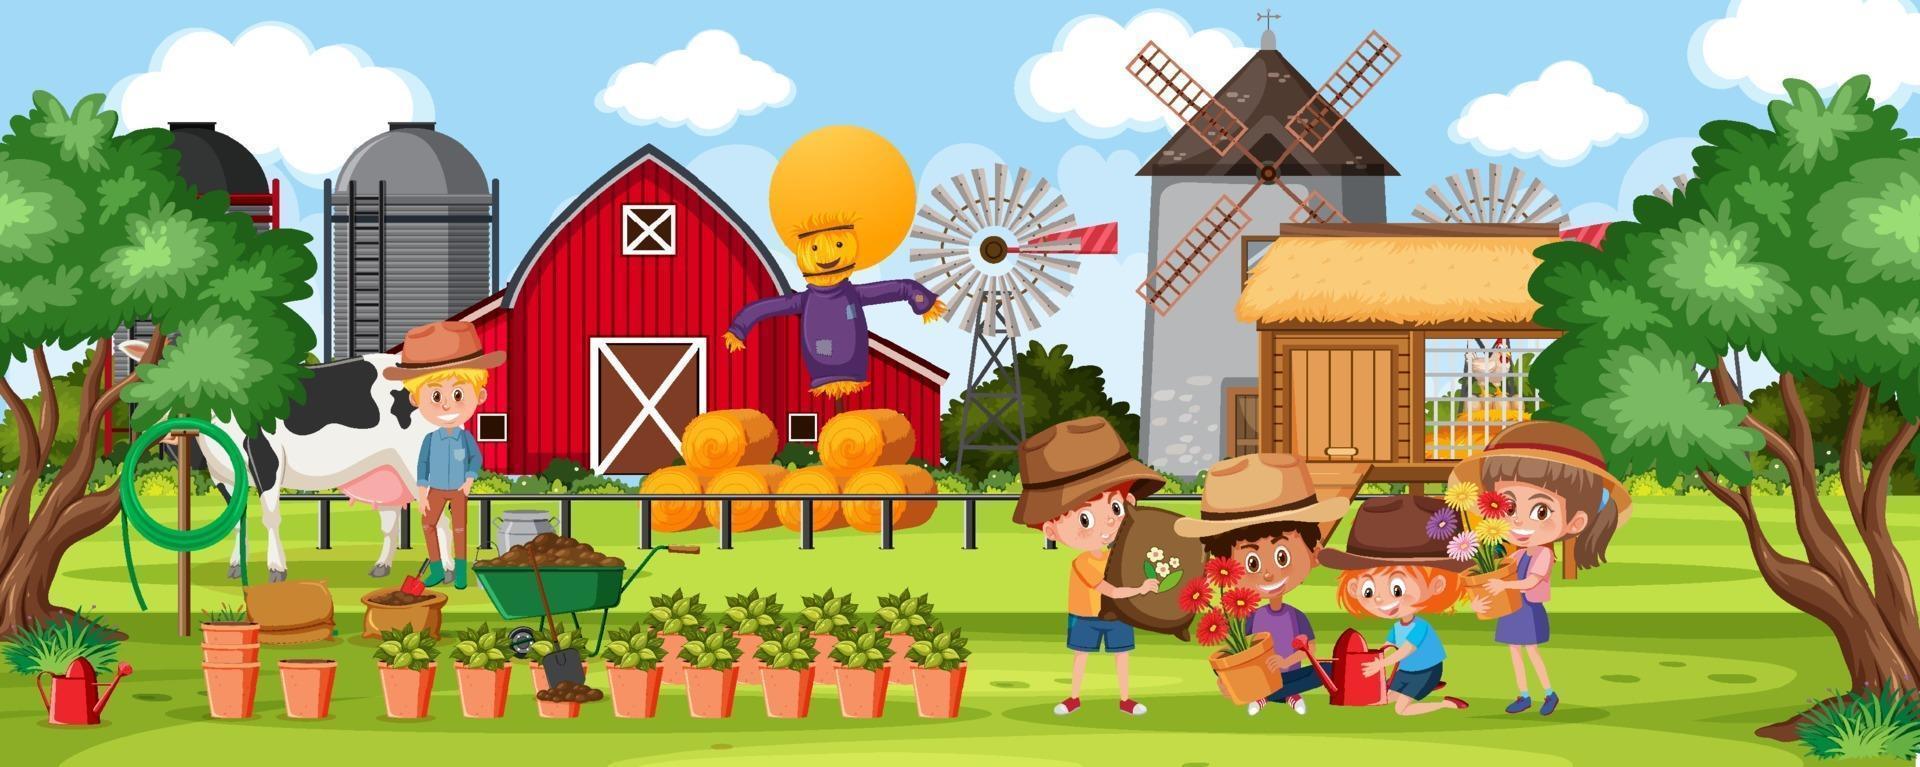 boerderij buitenscène met veel kinderen vector